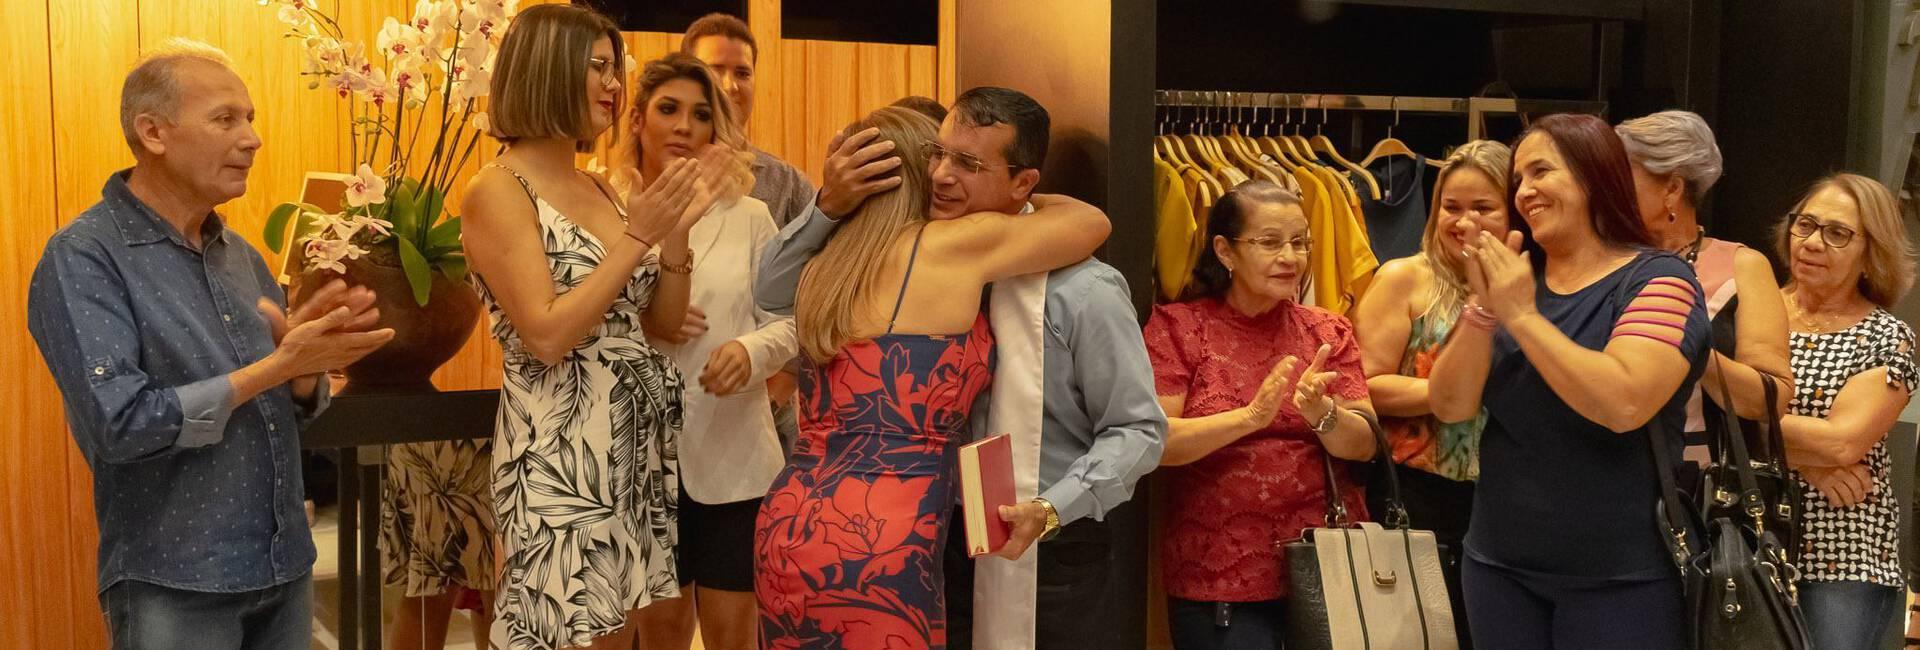 EVENTO de Inauguração da Loja Conceito - Moda Masculina e Feminina